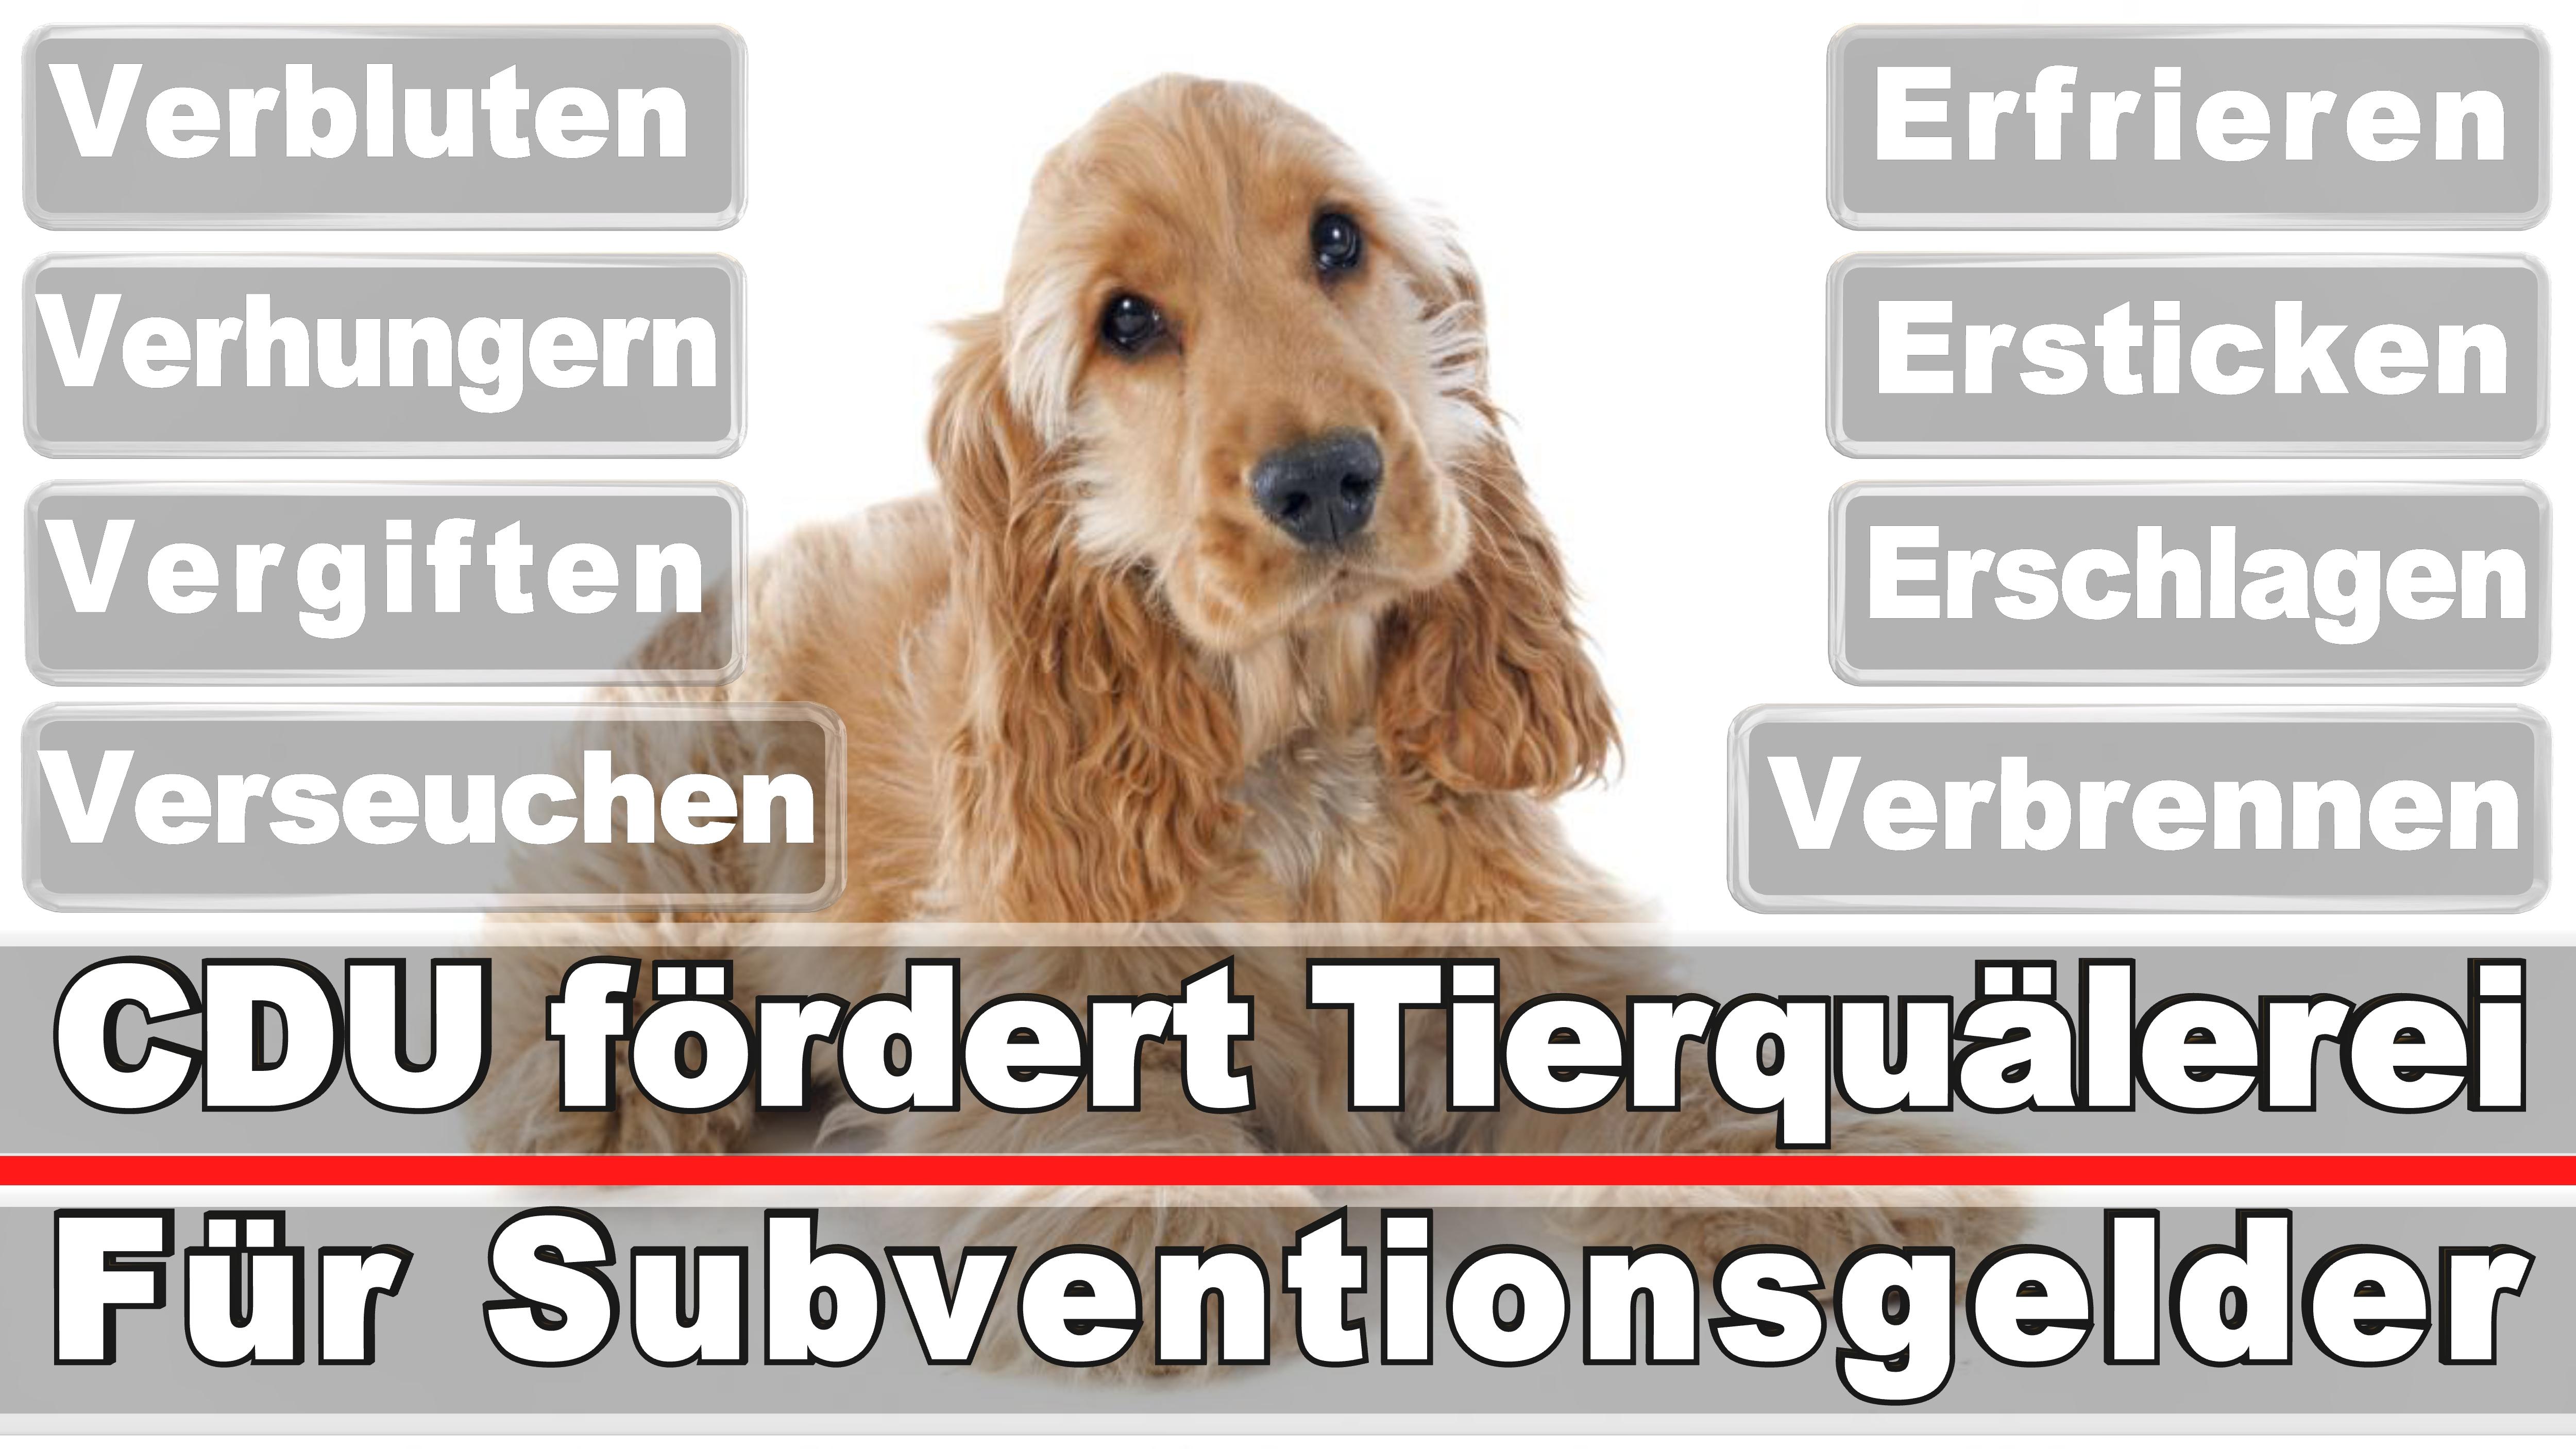 Landtagswahl-Bundestagswahl-CDU-SPD-FDP-AFD-Linke-Piraten (10)